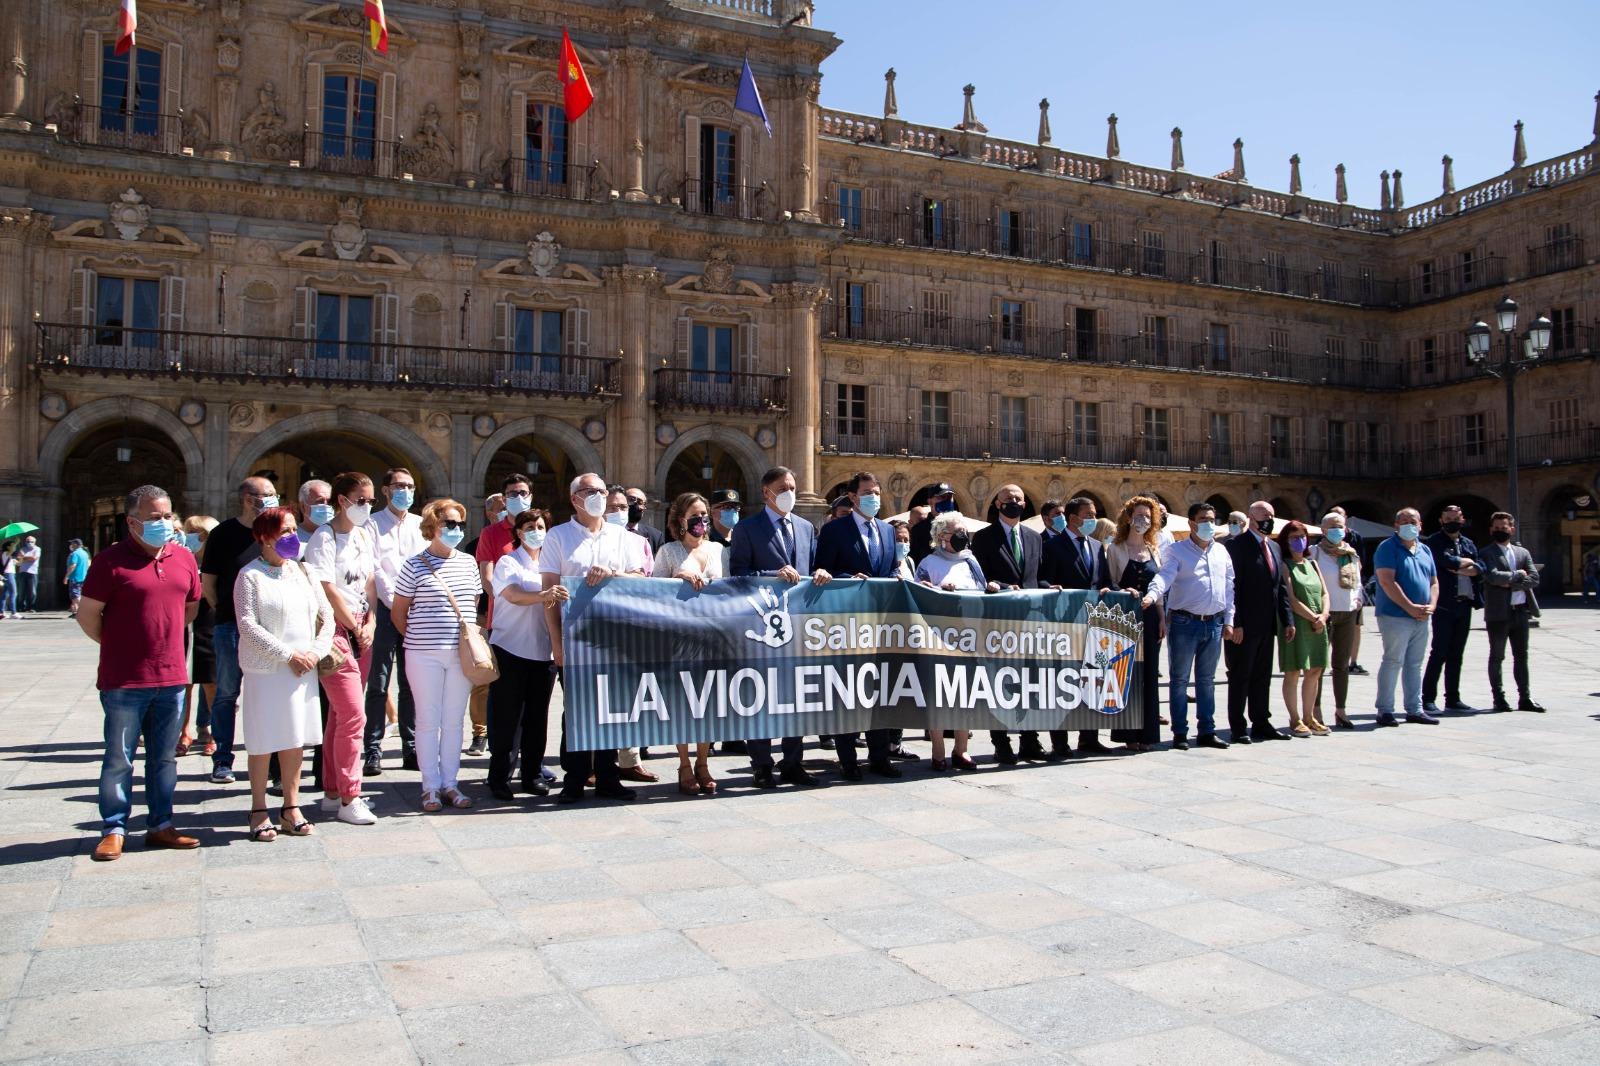 Autoridades, políticos y ciudadanos guardaron un minuto de silencio por la muerte de la mujer asesinada en Doñinos.